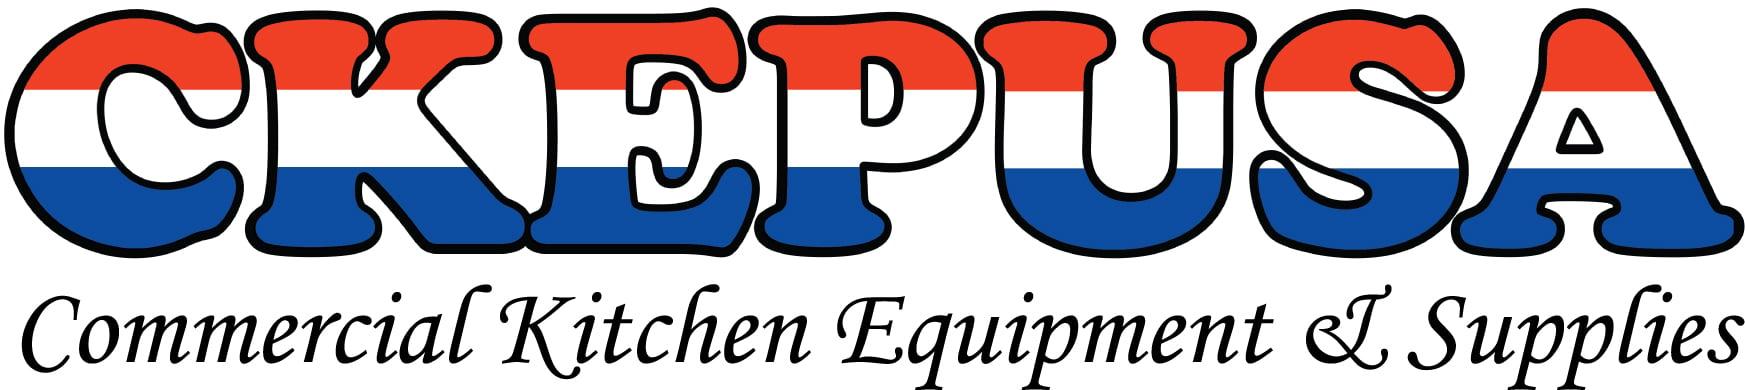 CKEPUSA Logo